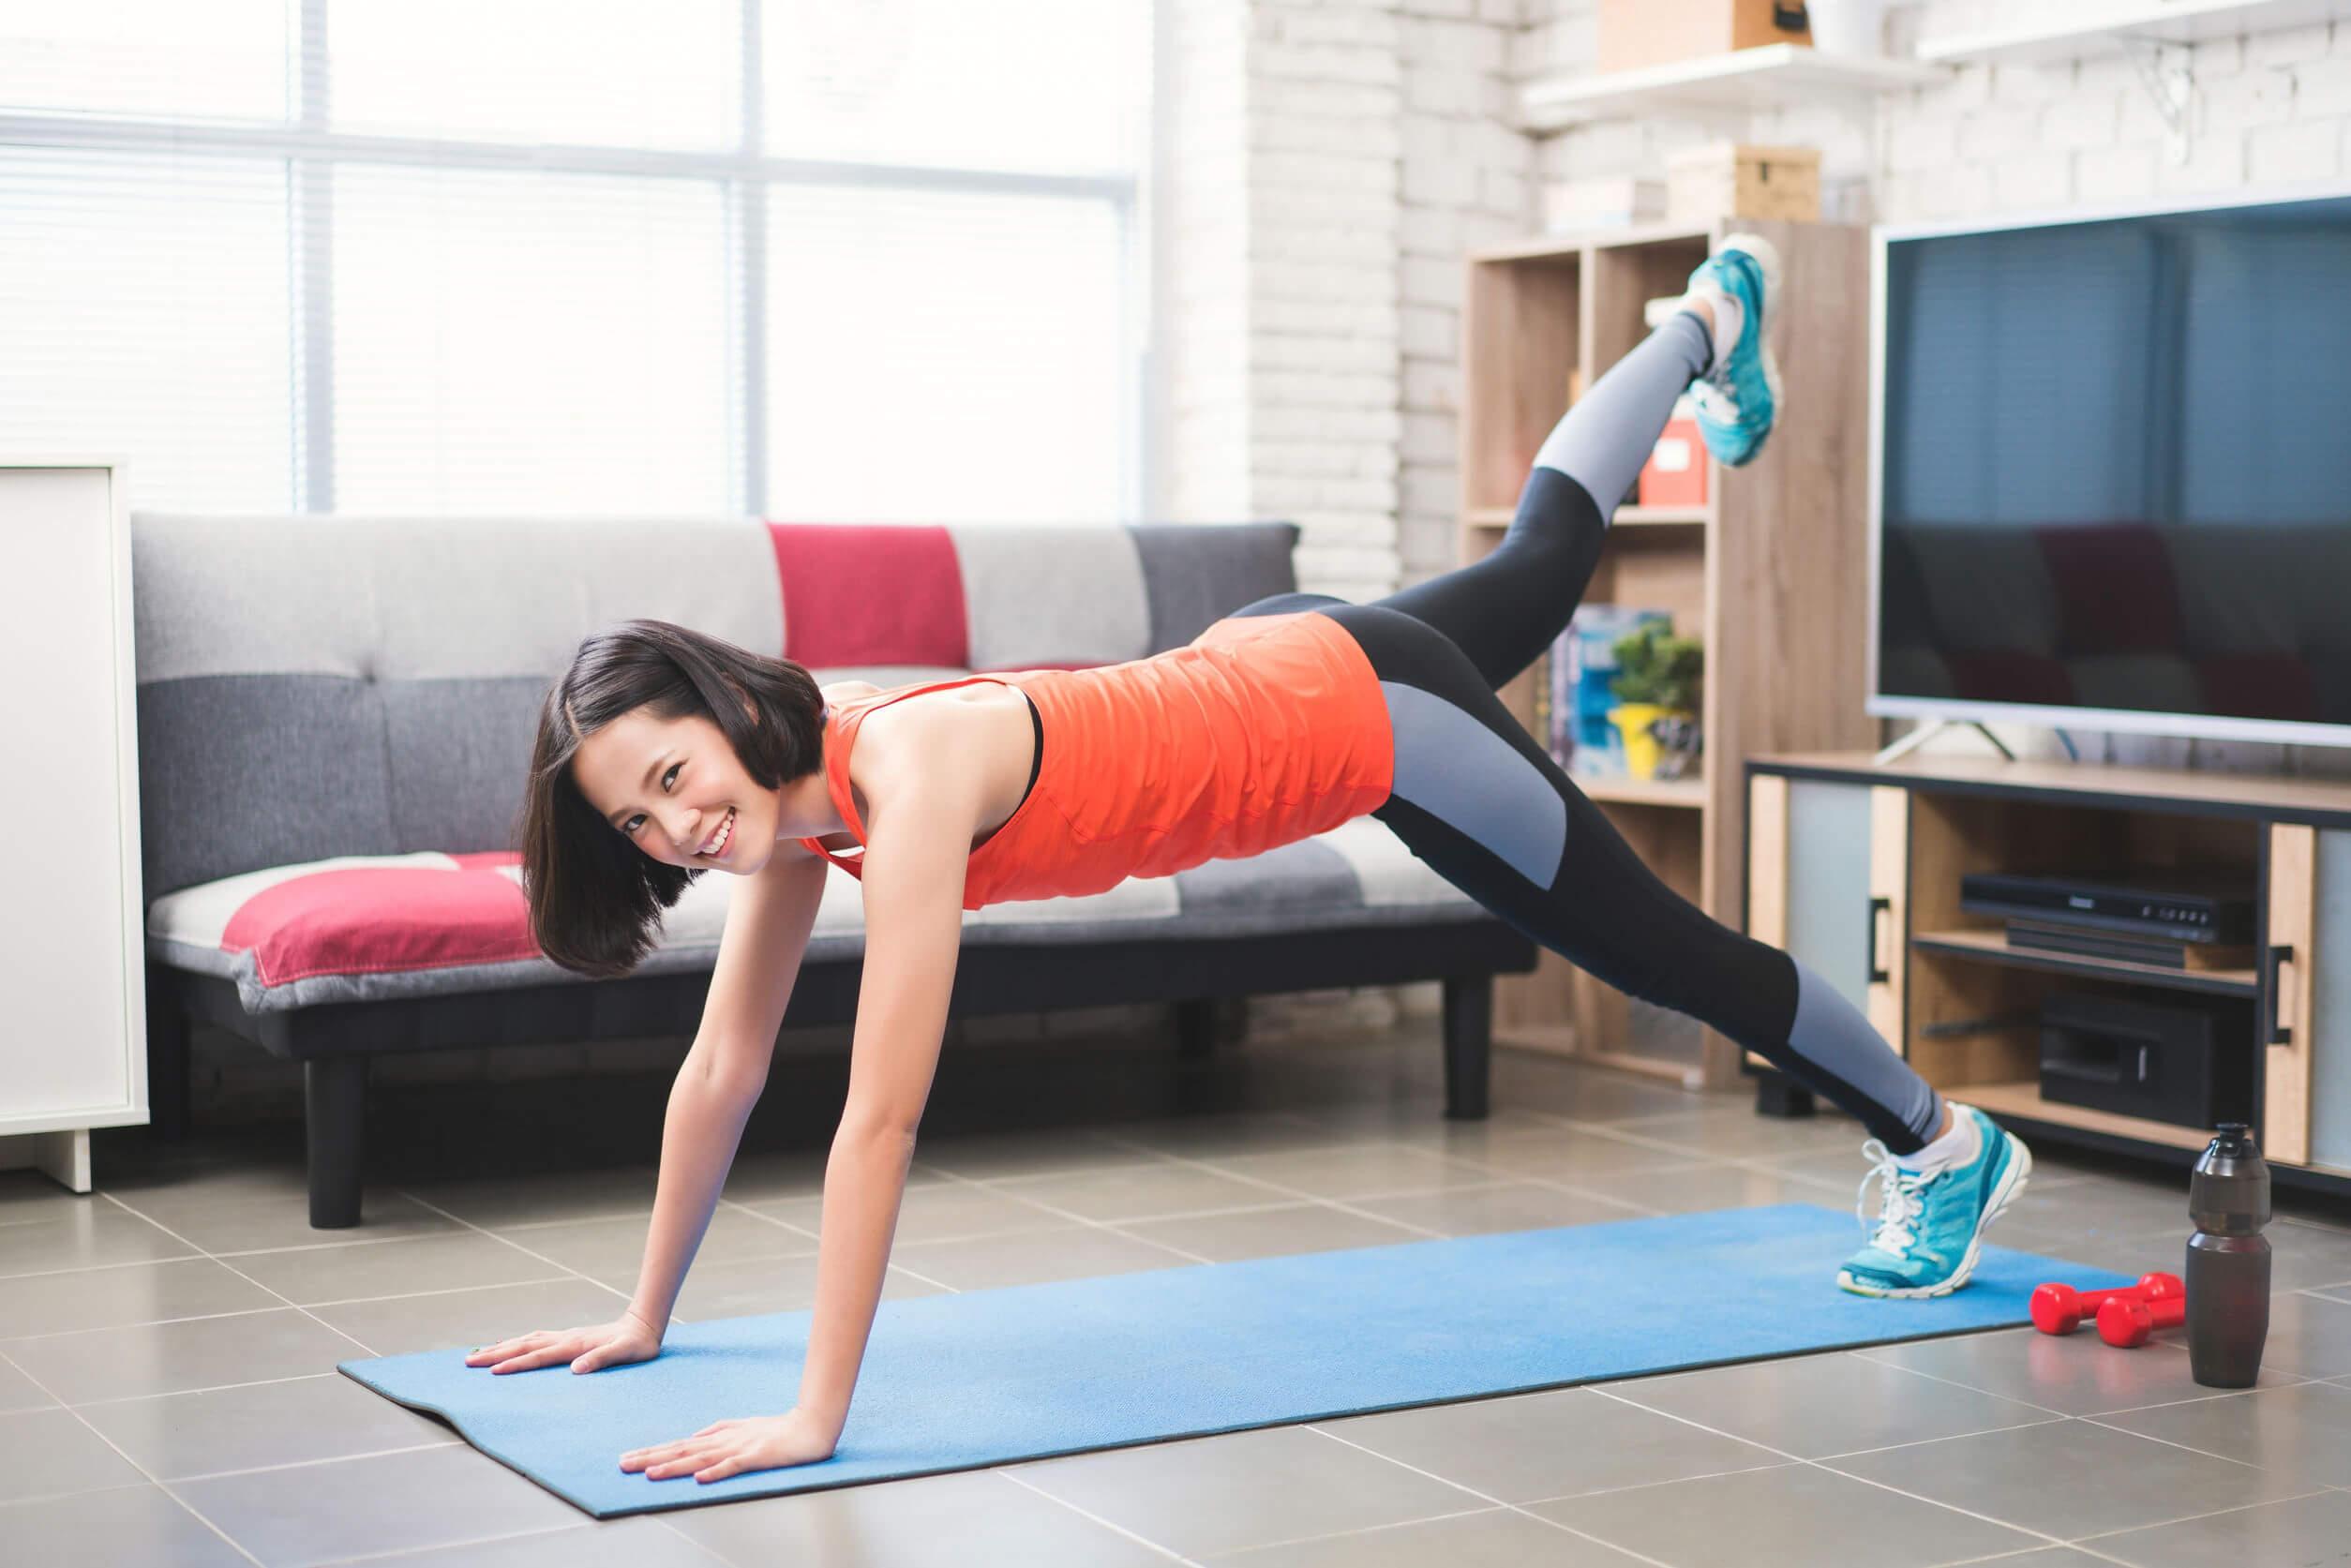 La flexibilidad puede ser útil para practicar yoga.